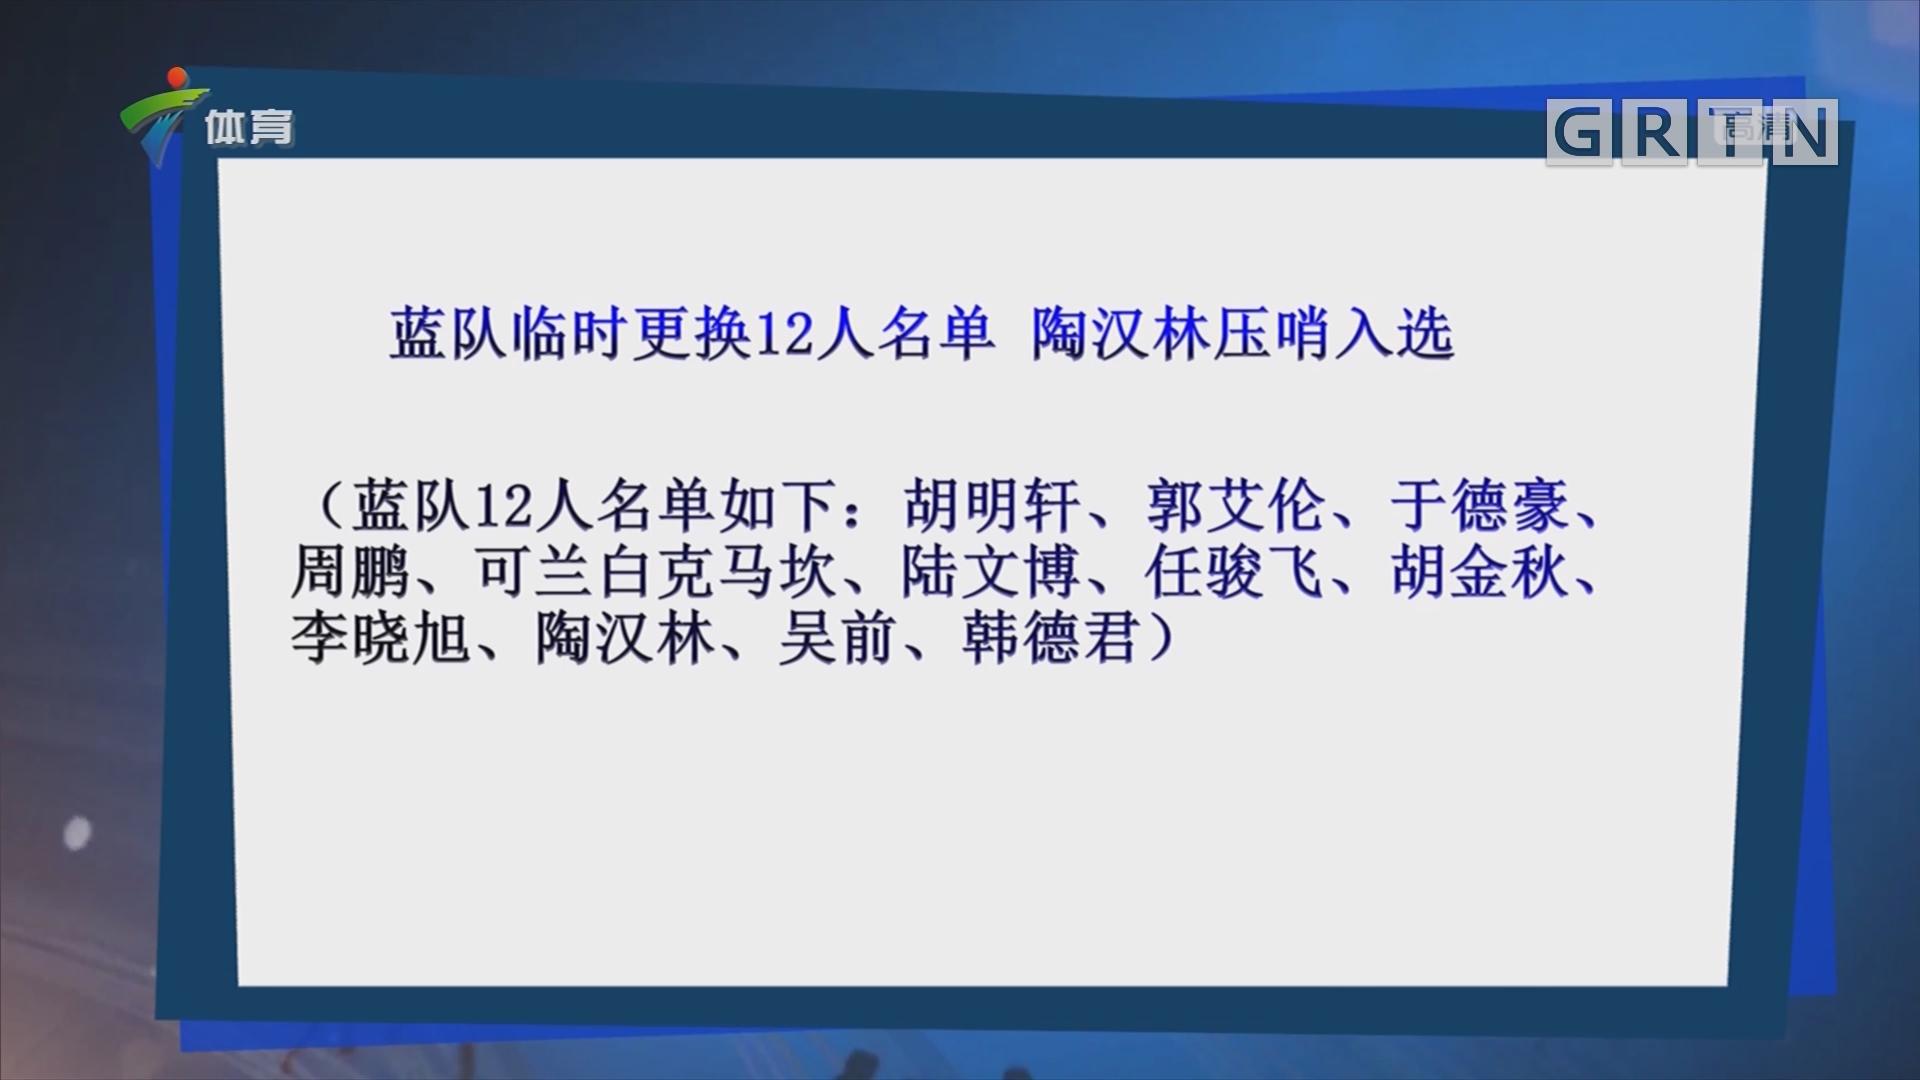 蓝队临时更换12人名单 陶汉林压哨入选